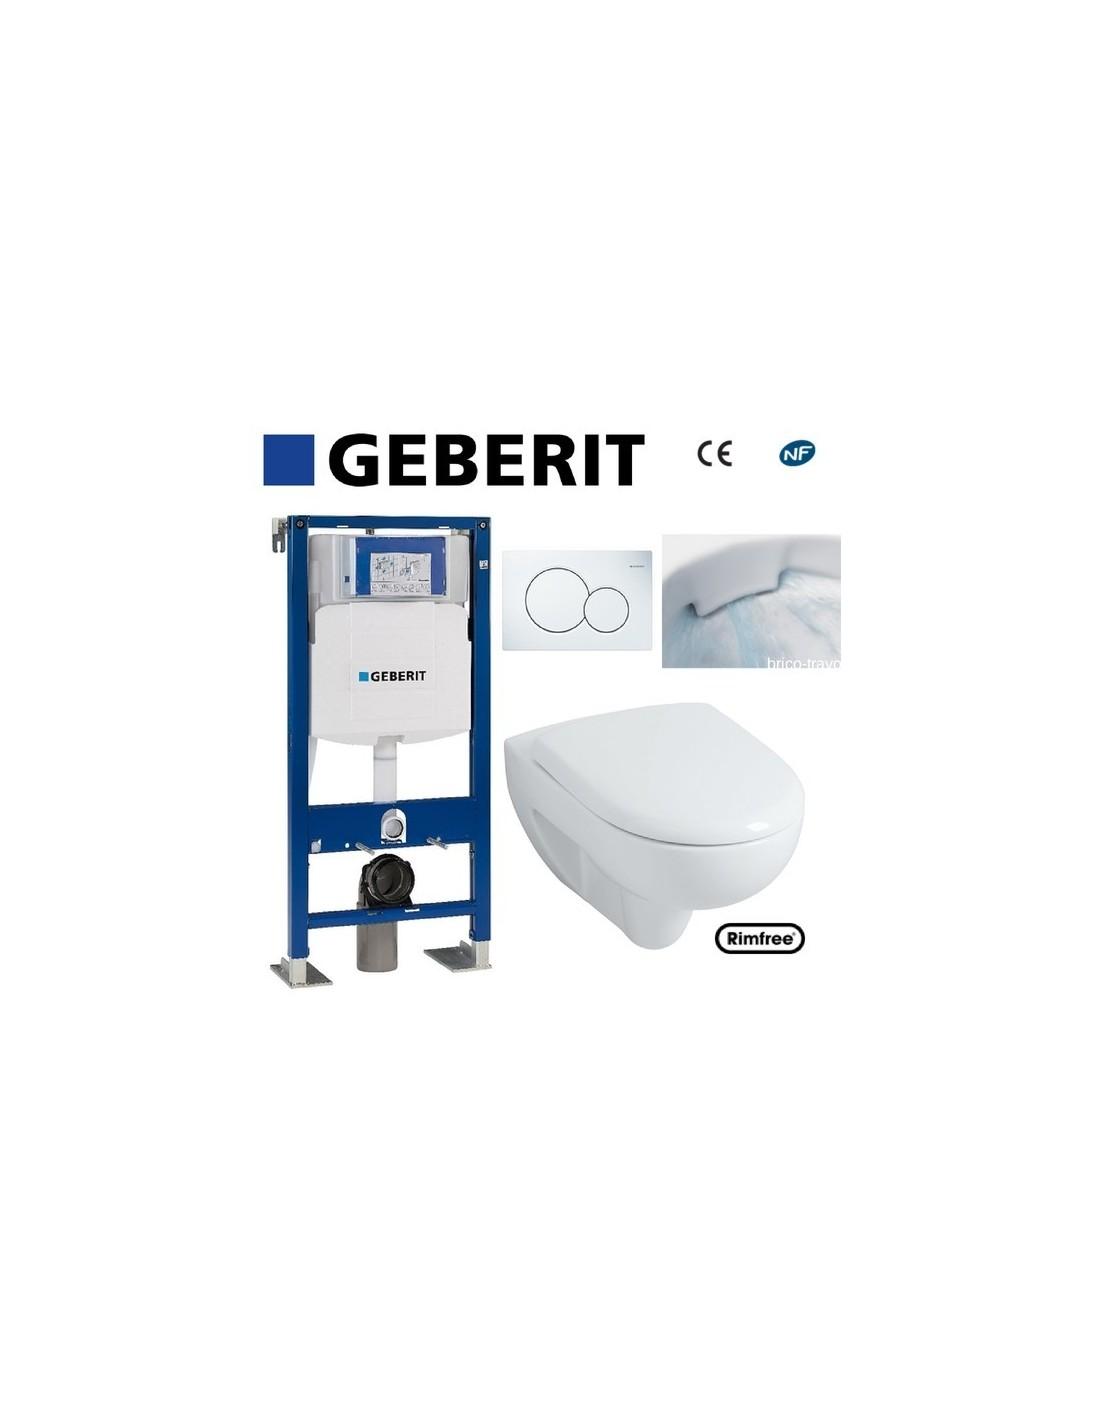 WC Suspendu Geberit Plaque Blanche Rimfree Complet